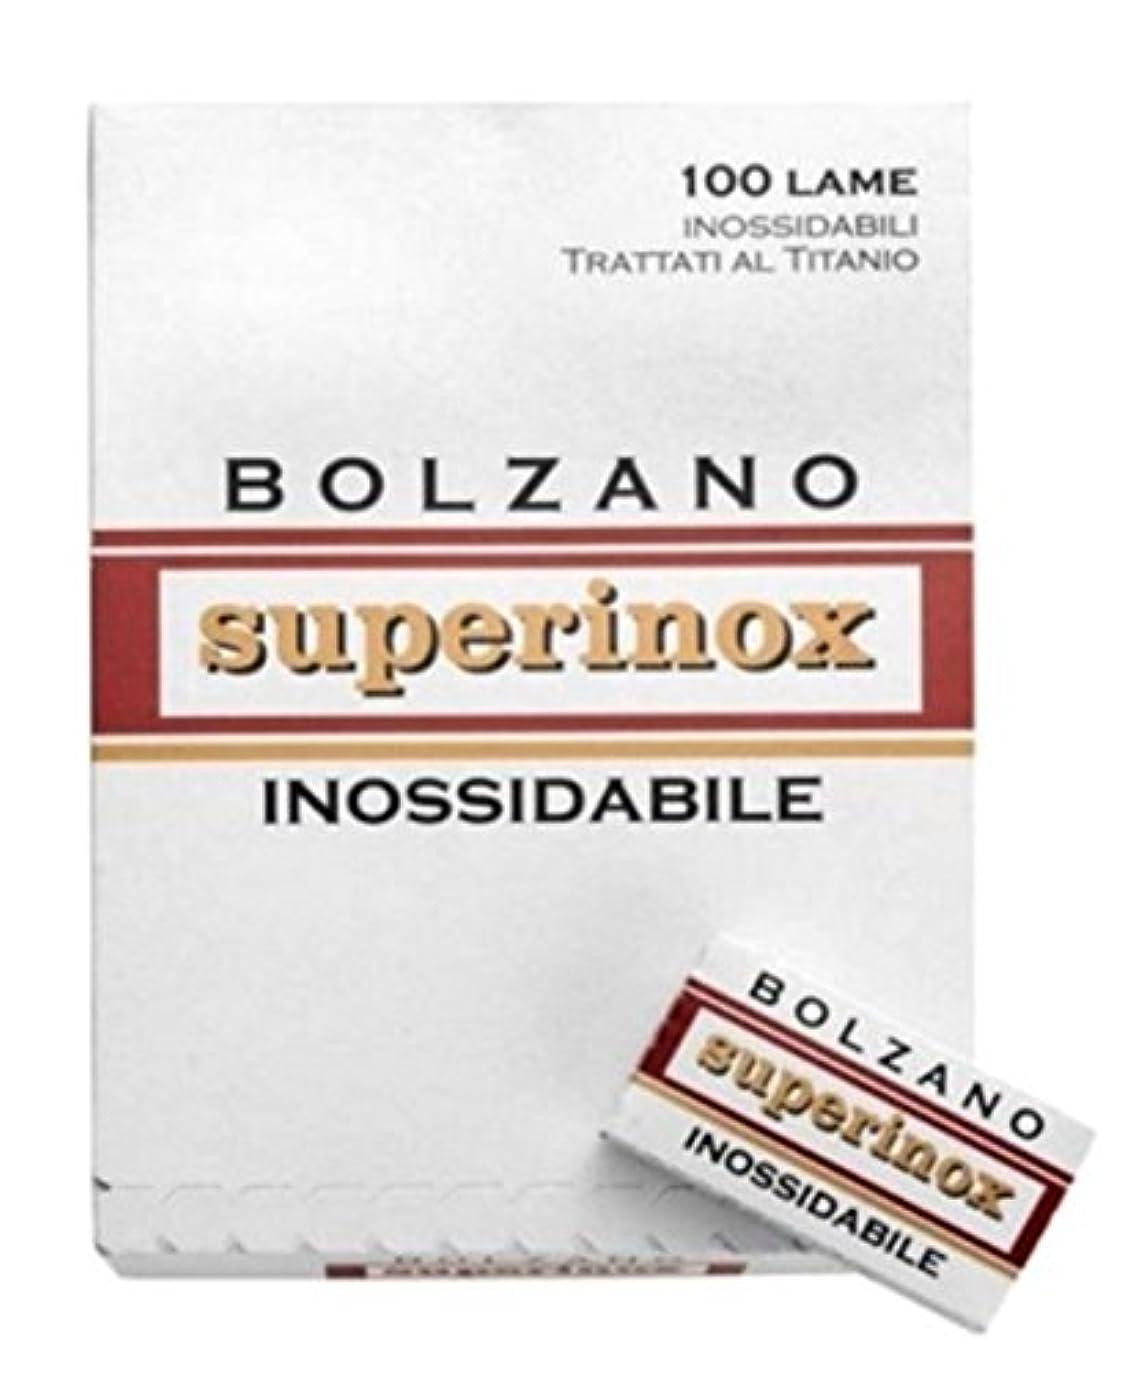 刺すの前で不適切なBolzano Superinox Inossidabile 両刃替刃 100枚入り(5枚入り20 個セット)【並行輸入品】